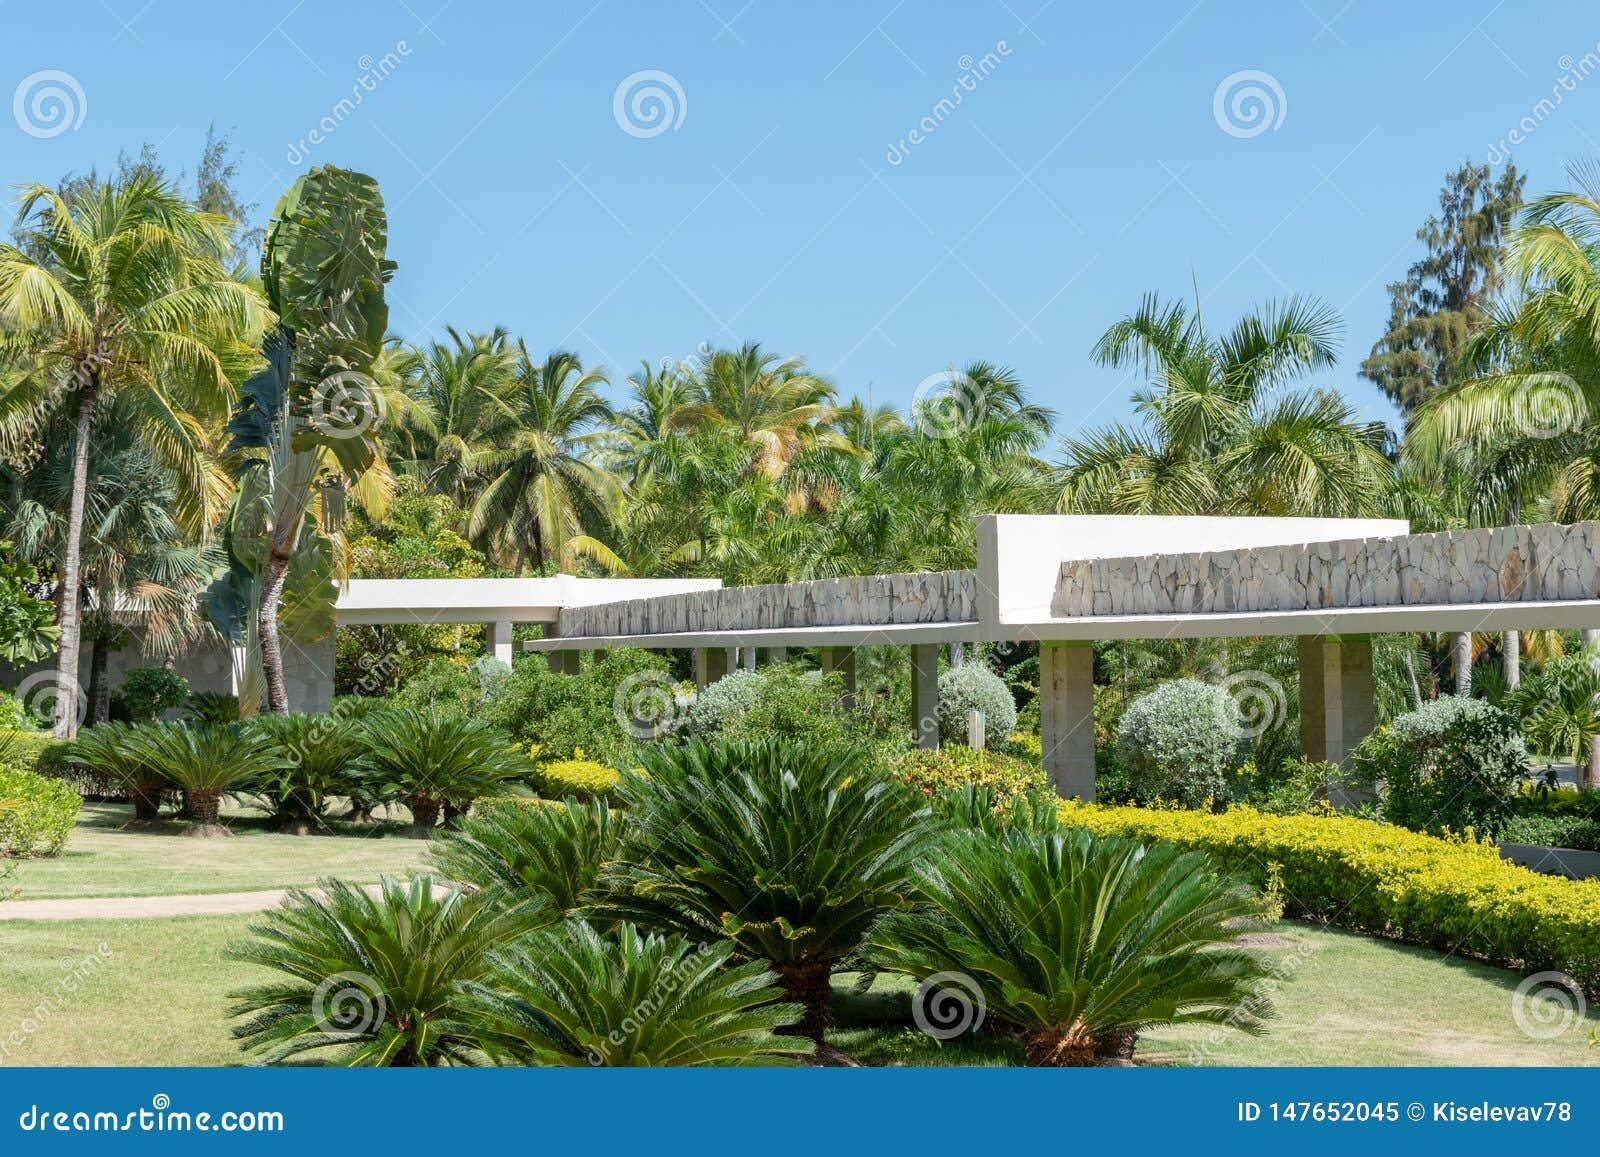 Ogrodowe ścieżki, drzewka palmowe i zielony gazon przy wschód słońca,